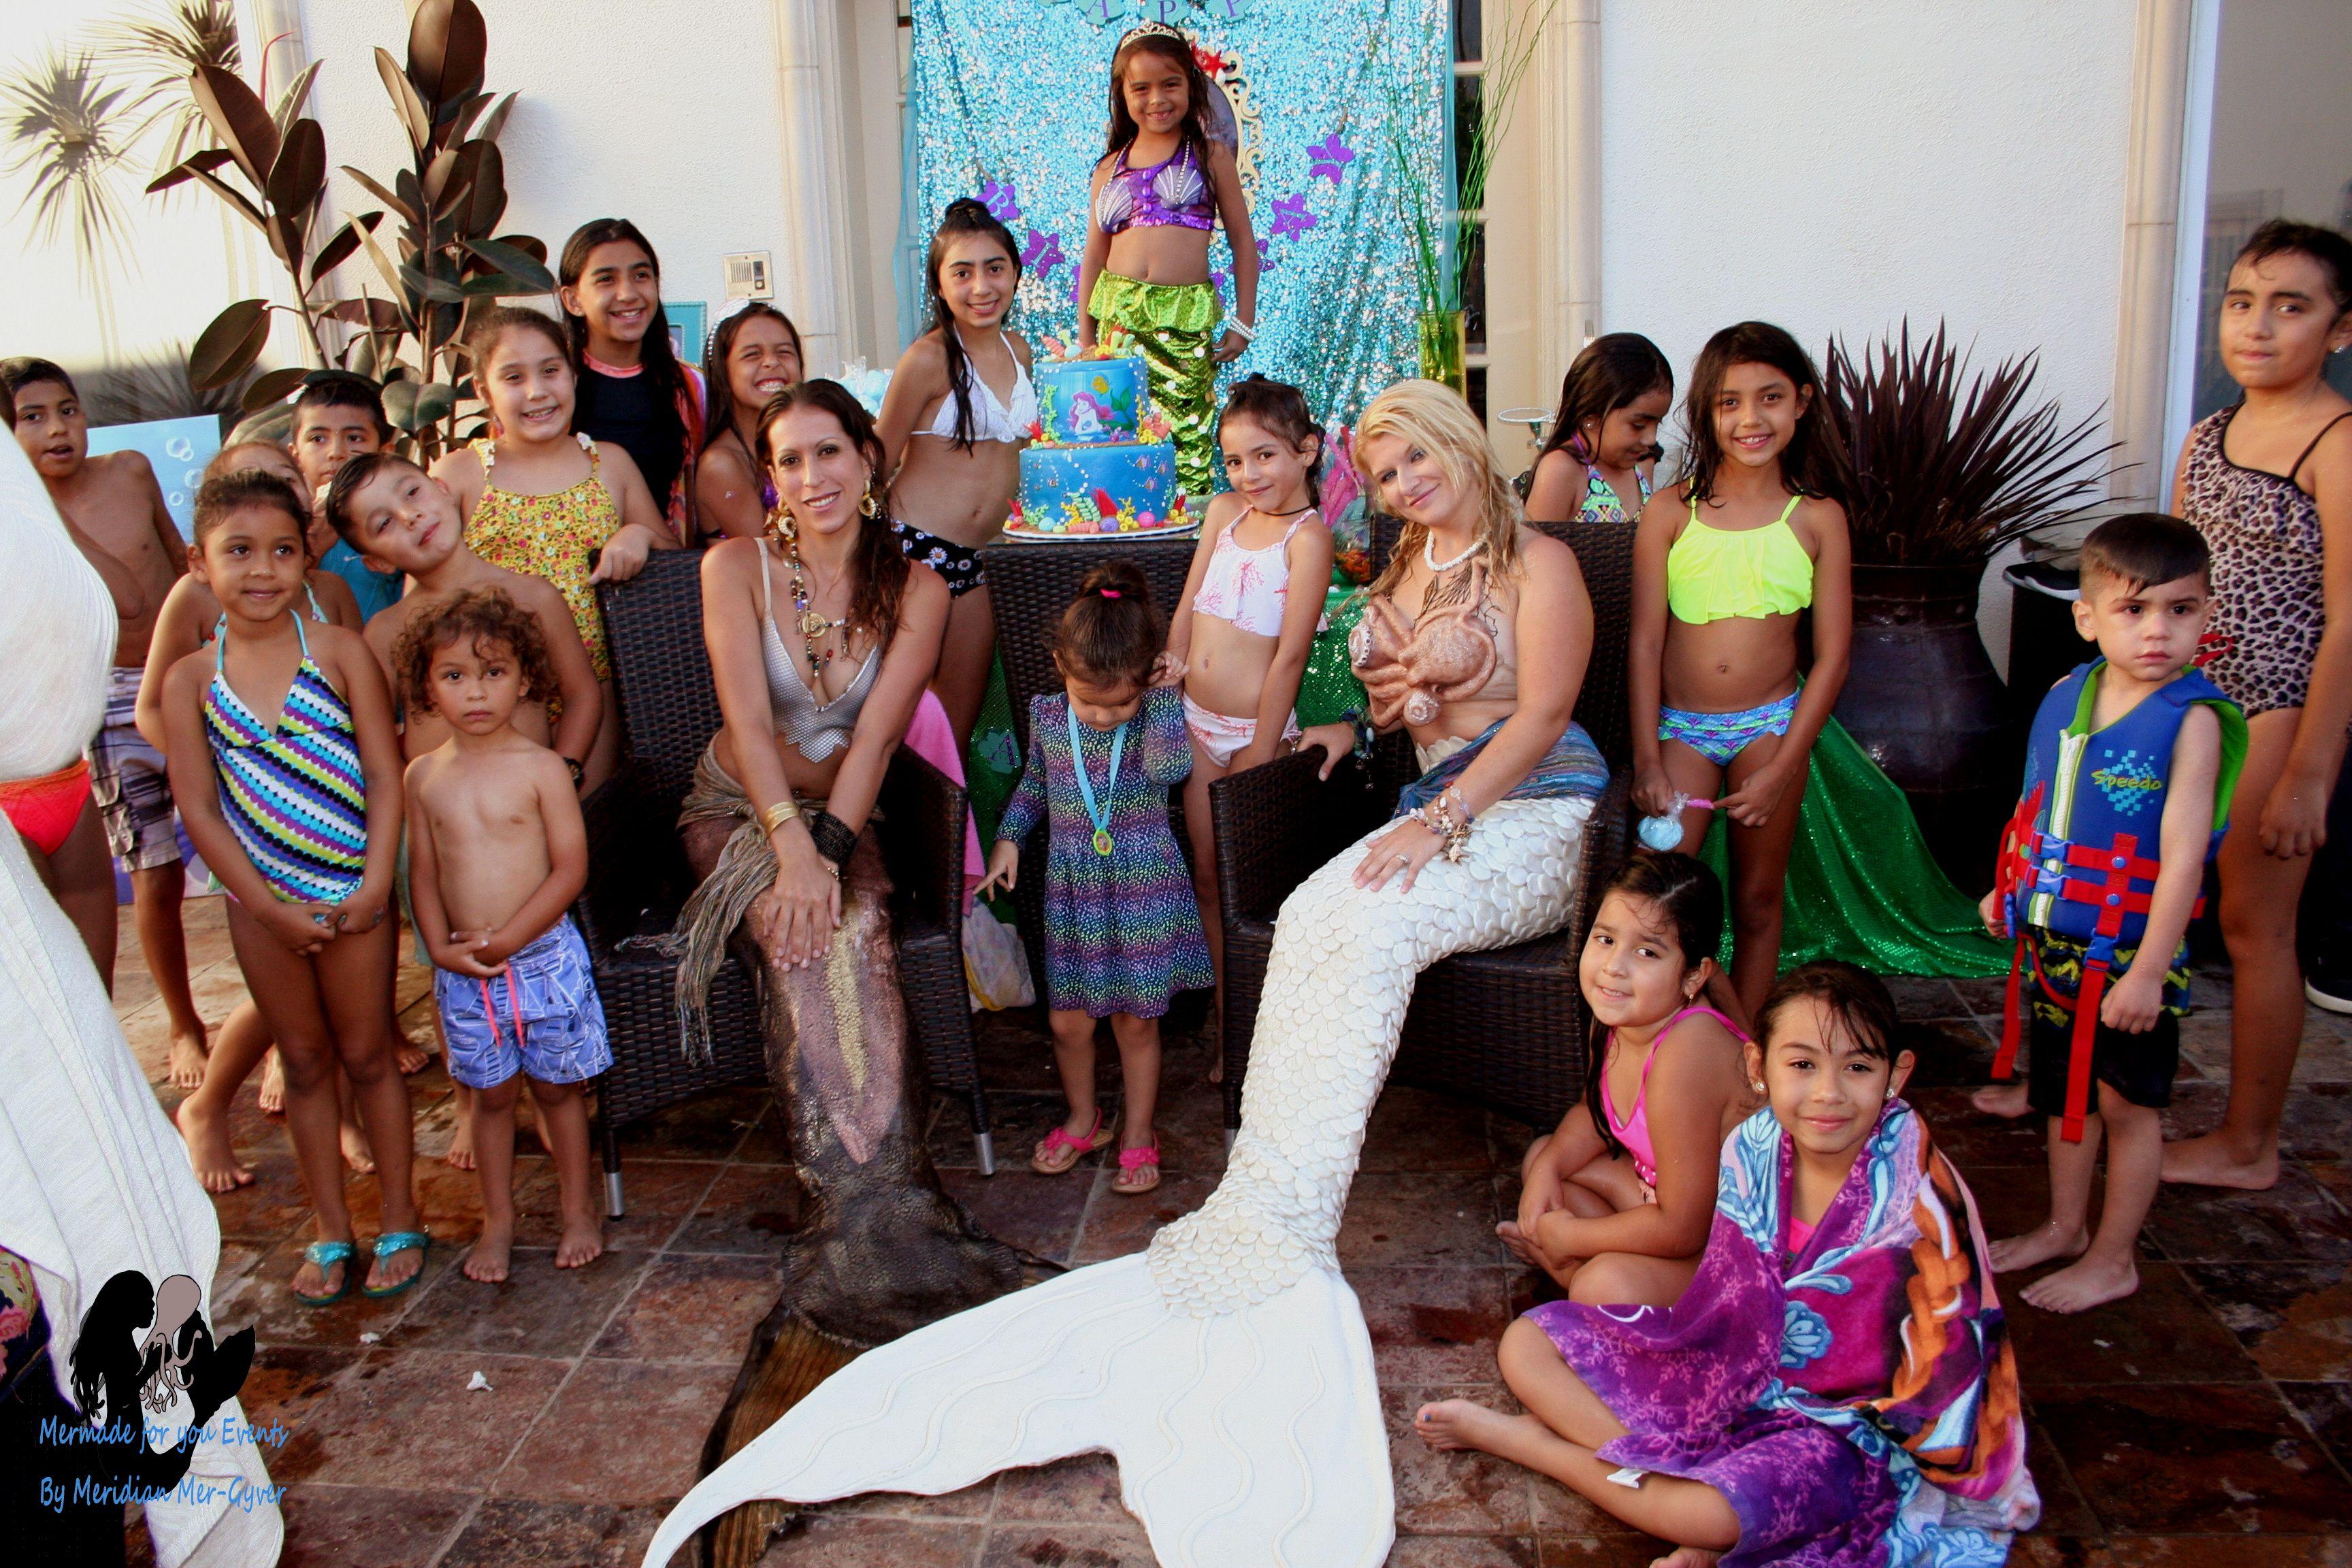 Last weekends lavish mermaid birthday party was a huge success